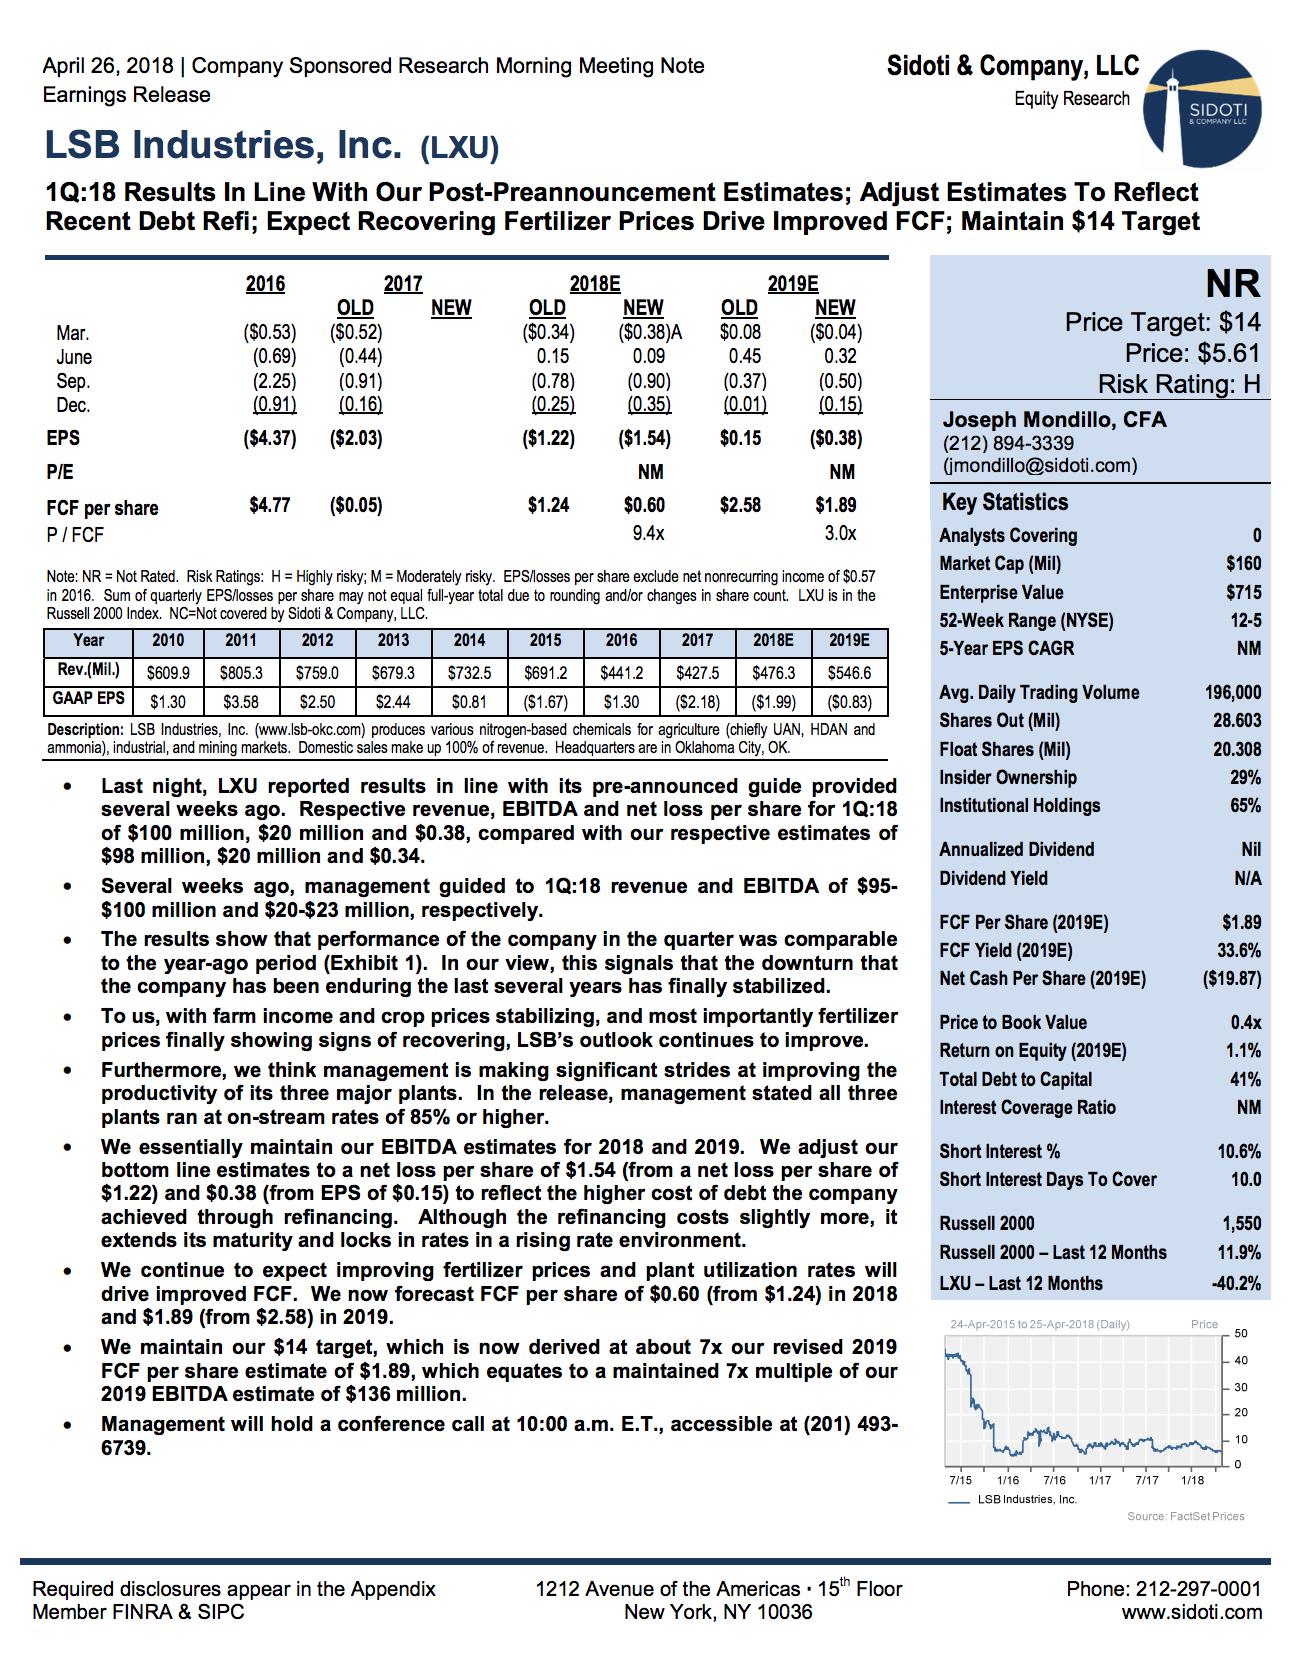 Earnings Report: April 26, 2018